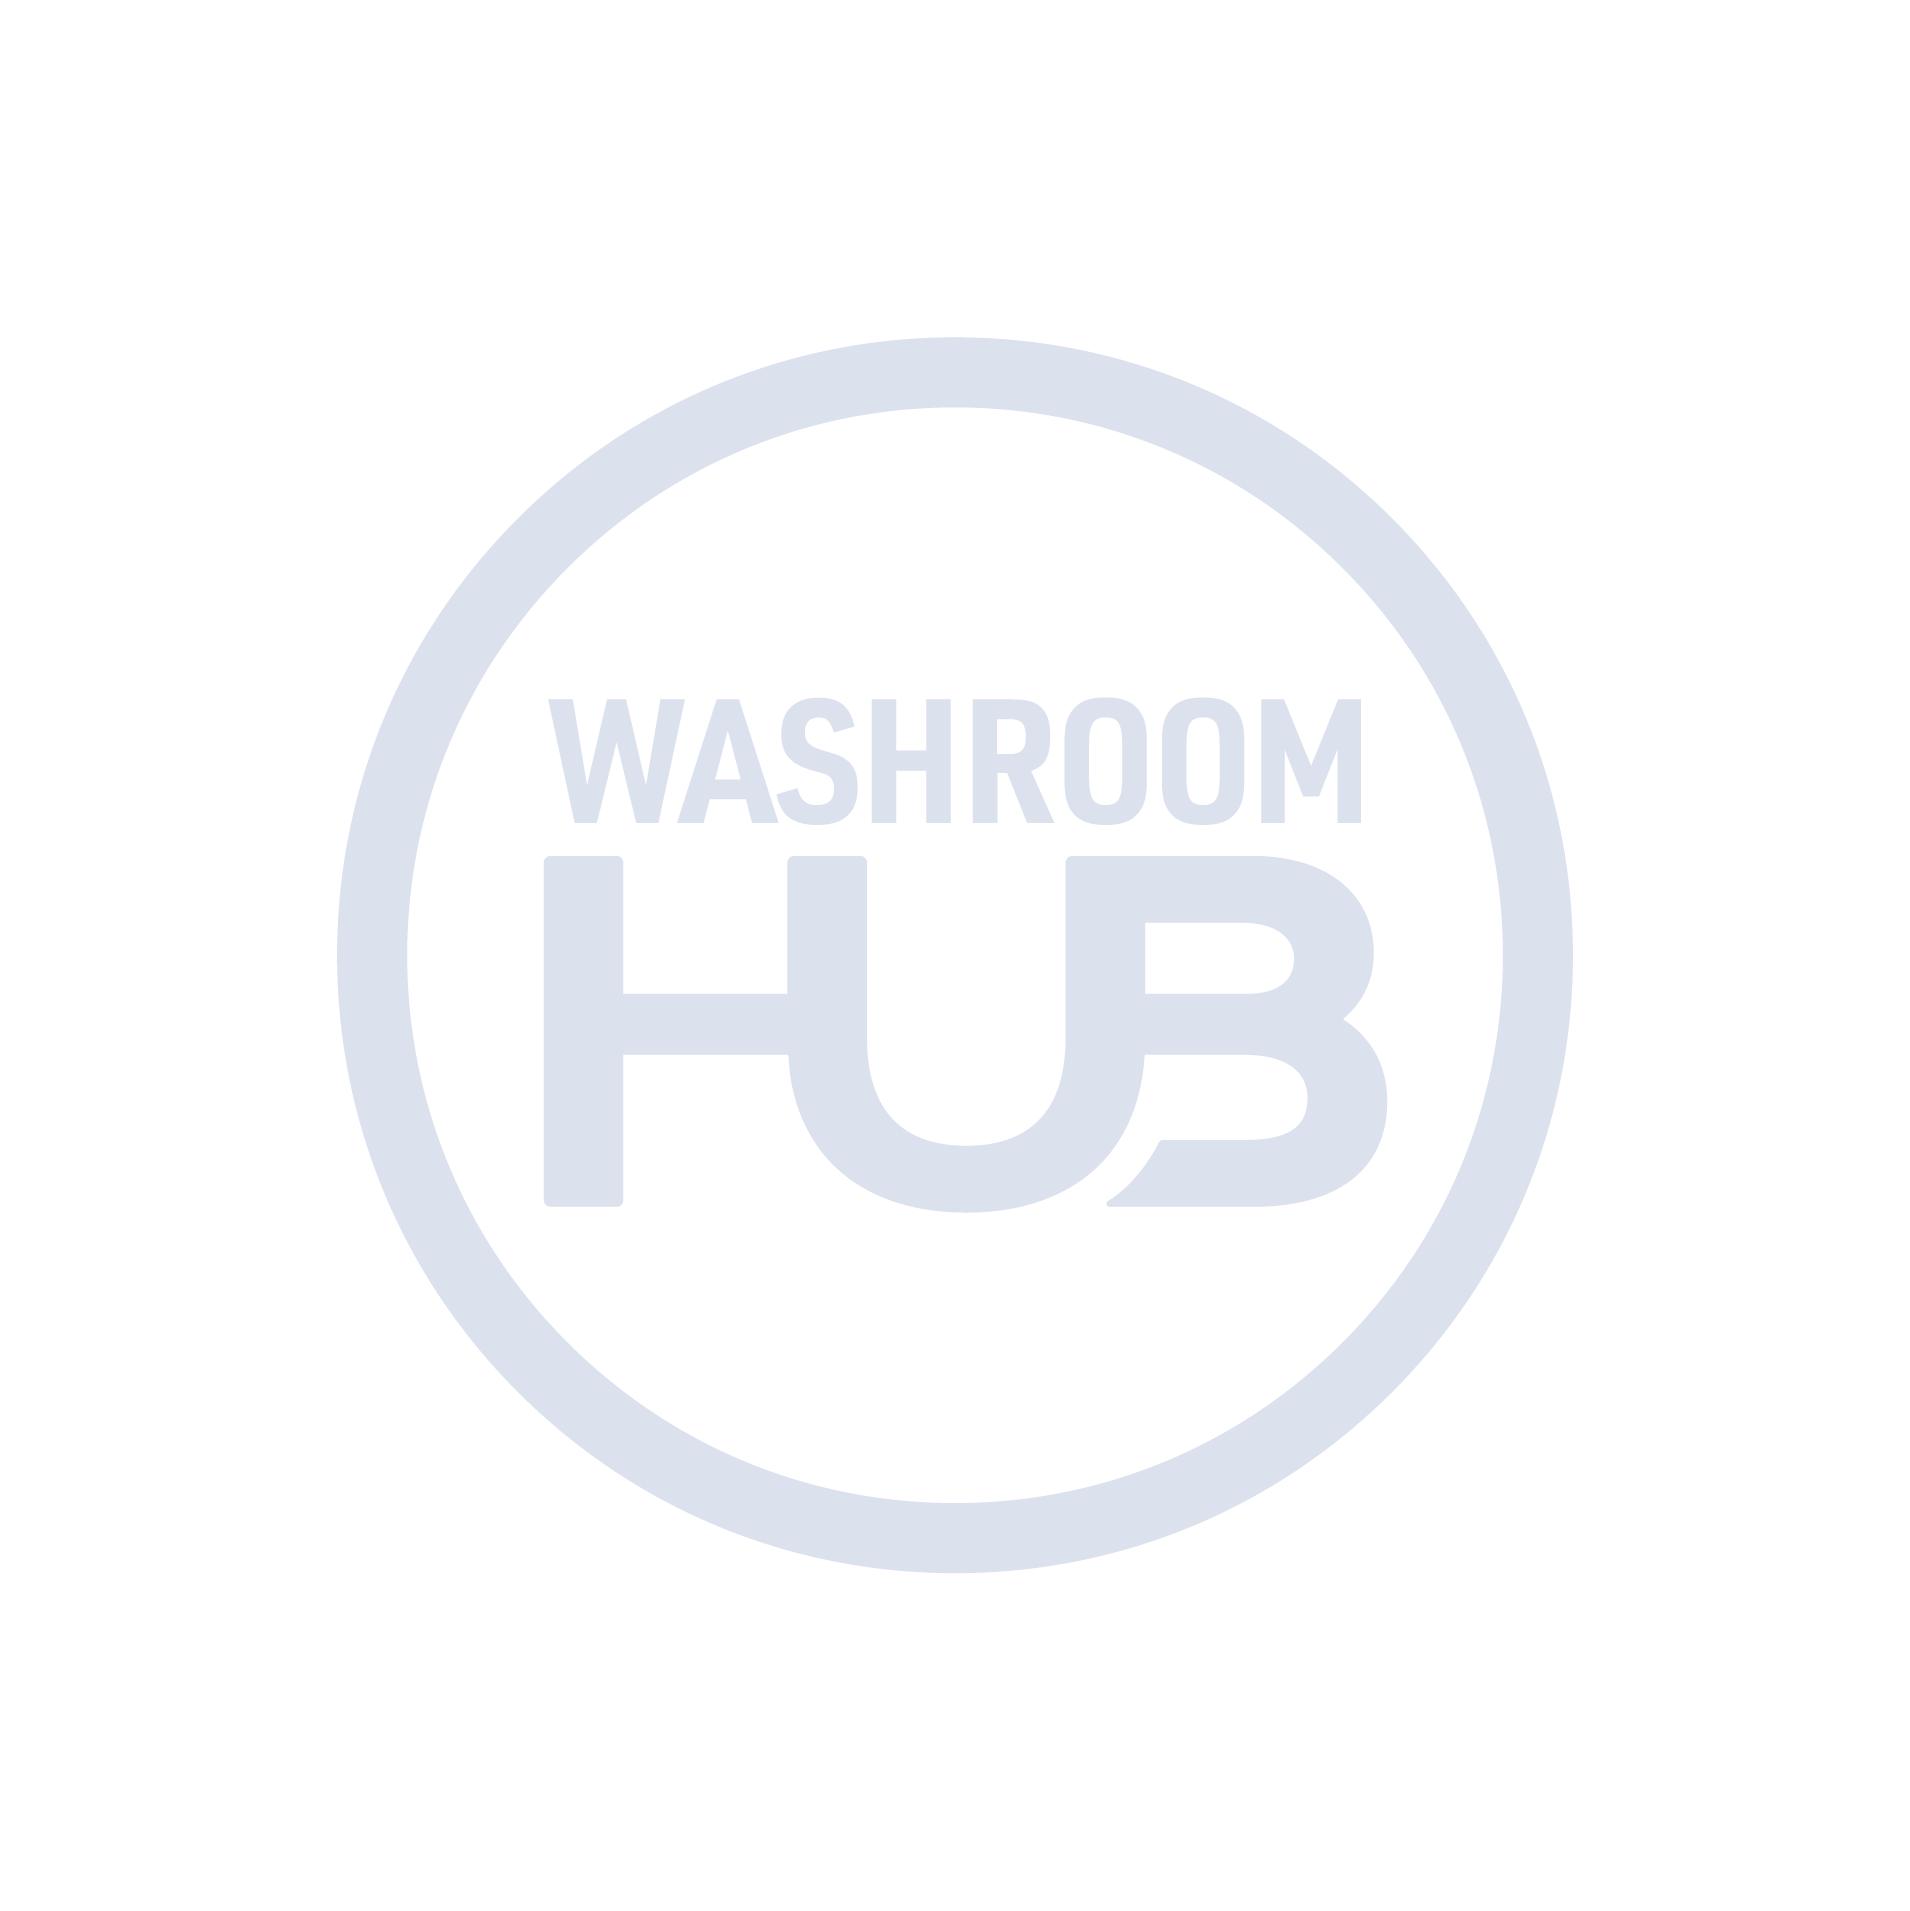 Toilet Brush Holder - Fresh range - Image1